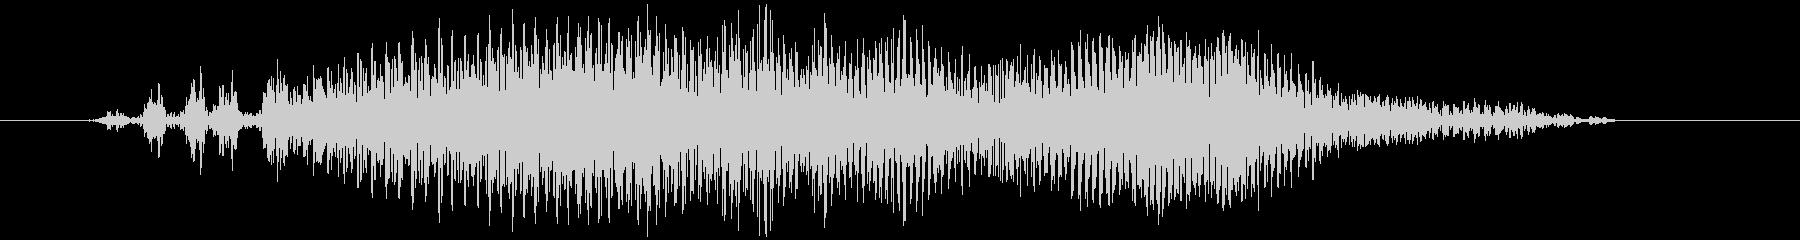 チャック、ジッパー(開閉音) ジィゥッの未再生の波形